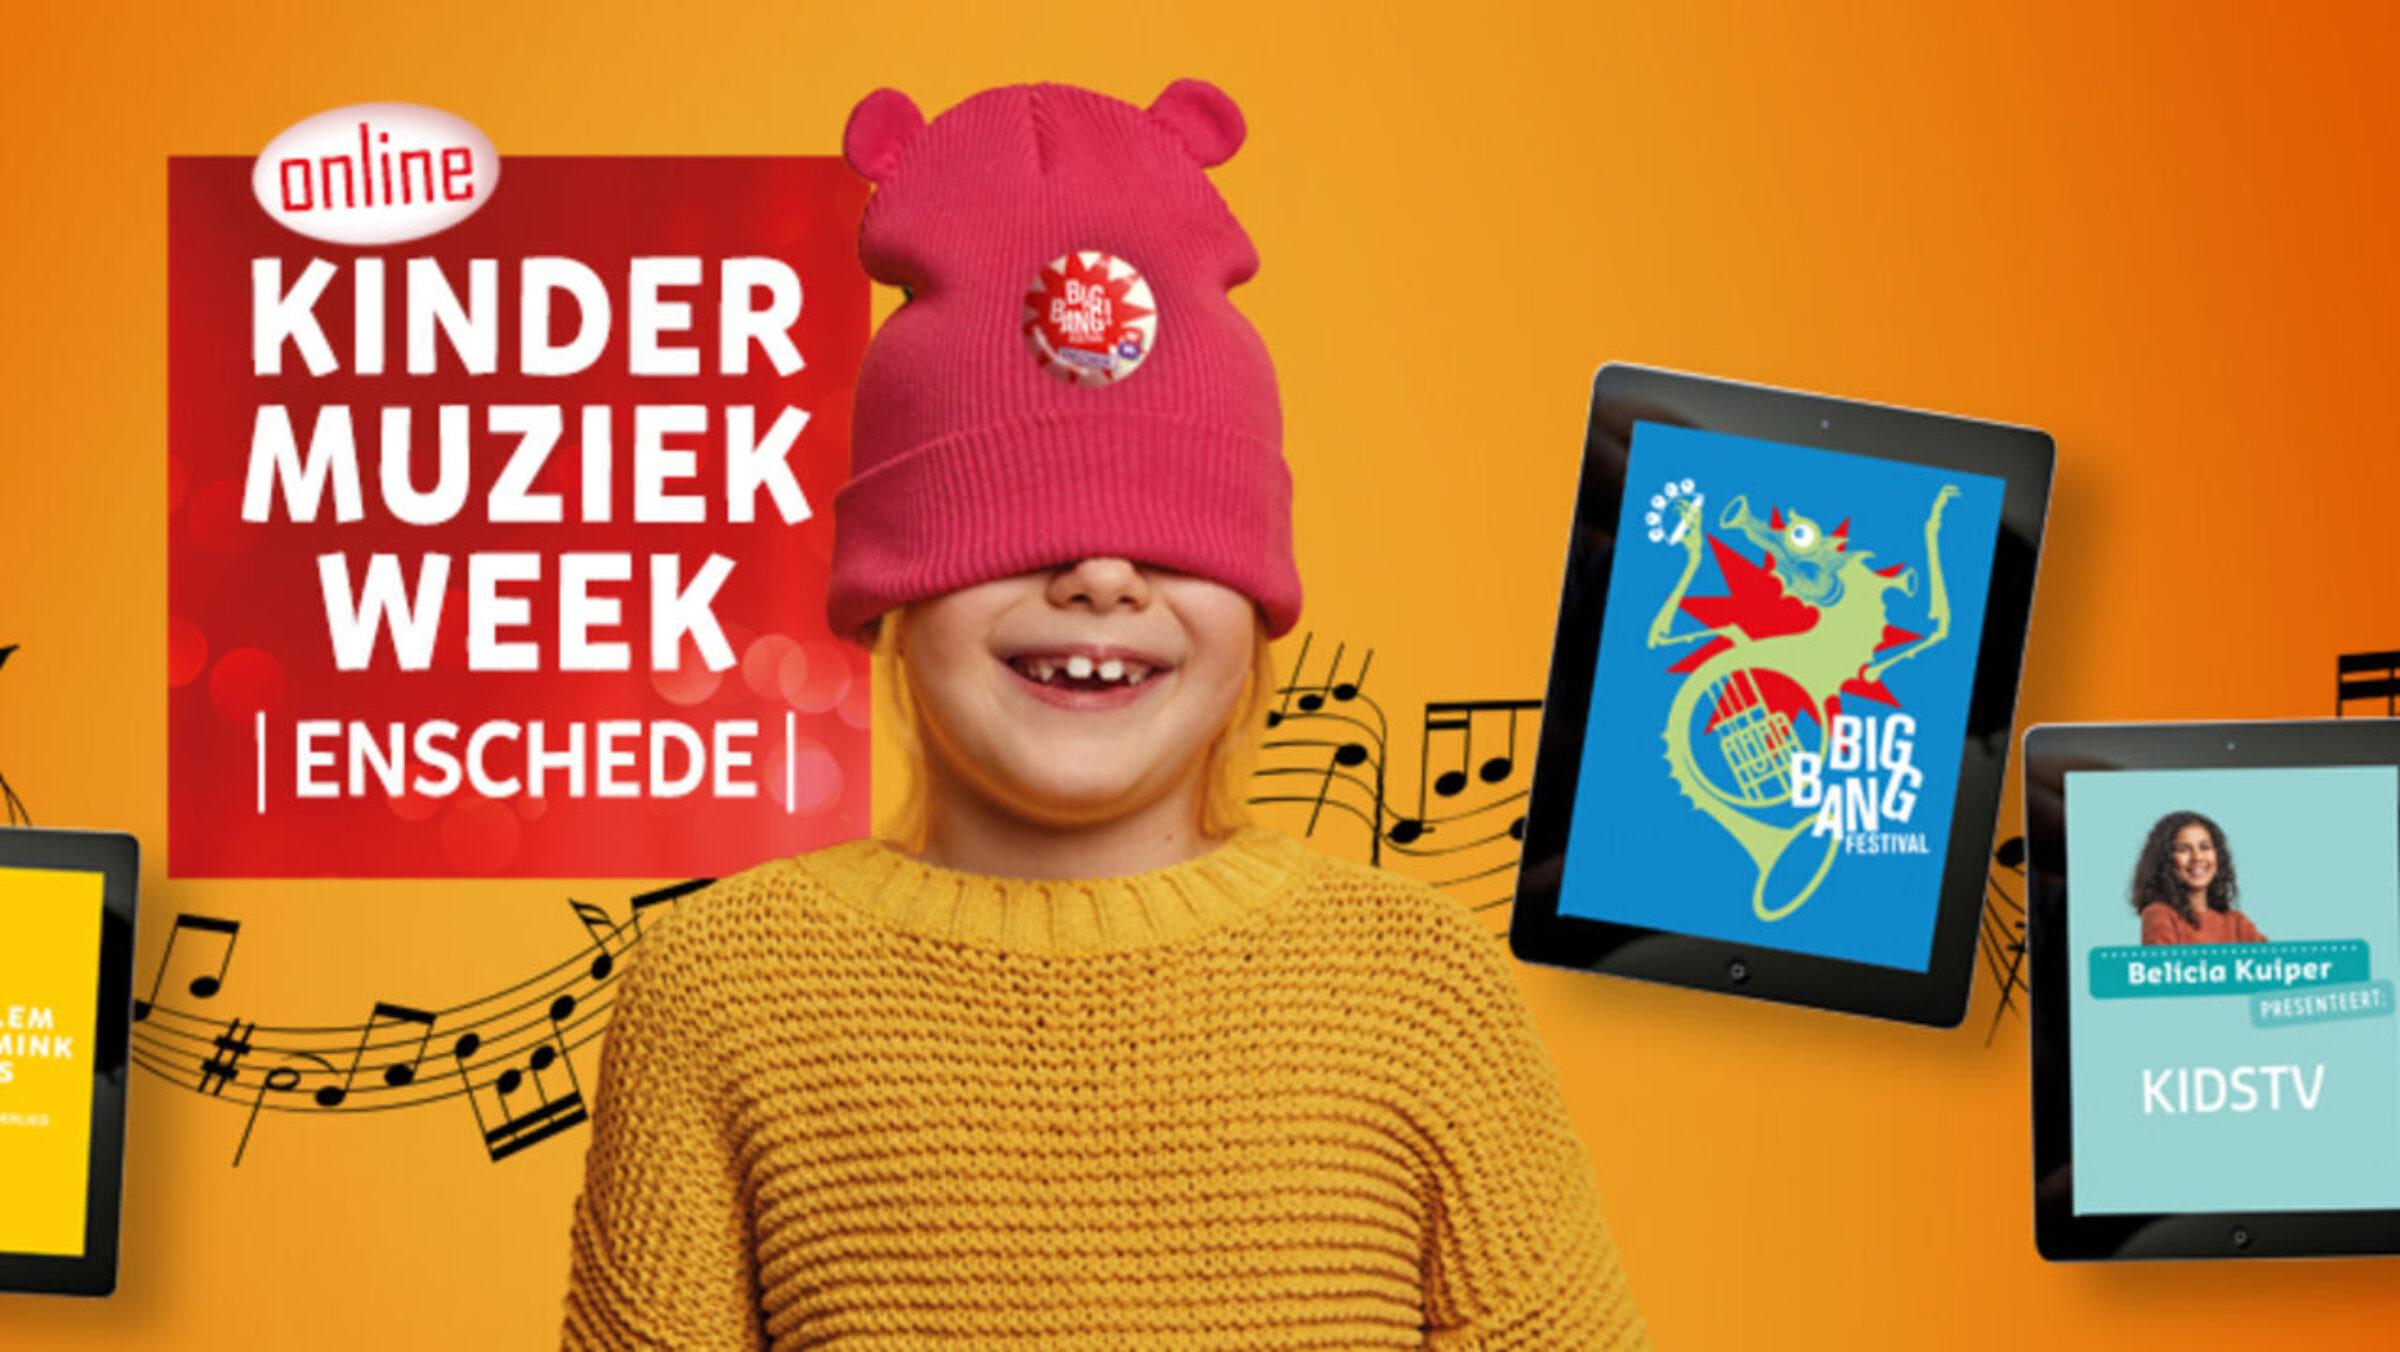 Kindermuziekweek journaal